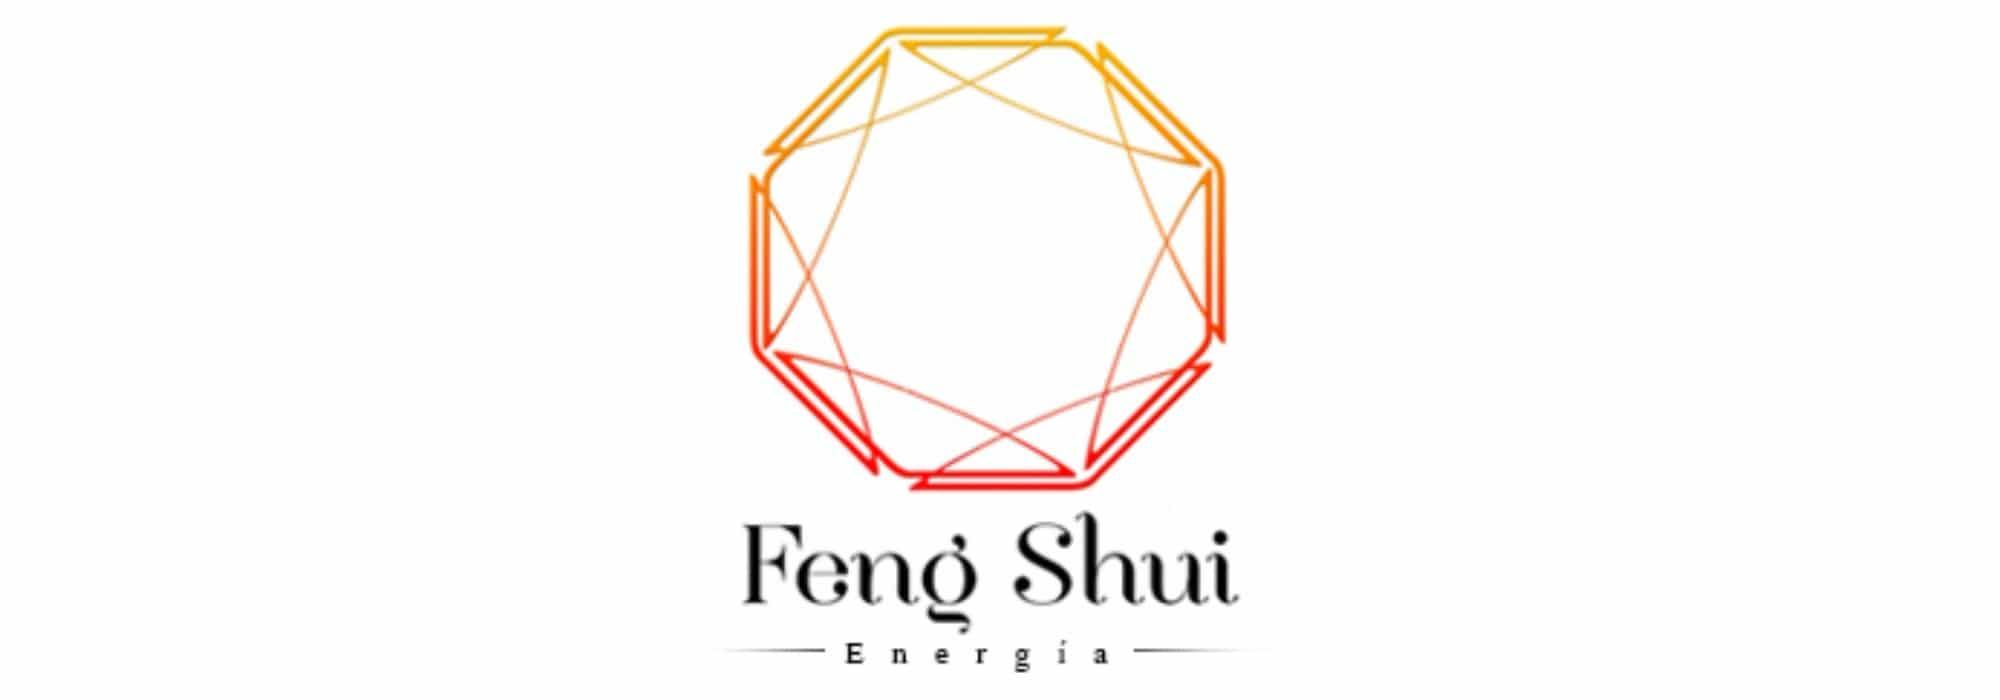 ENERGIA FENG SHUI - Web especializada en Feng Shui y Energía